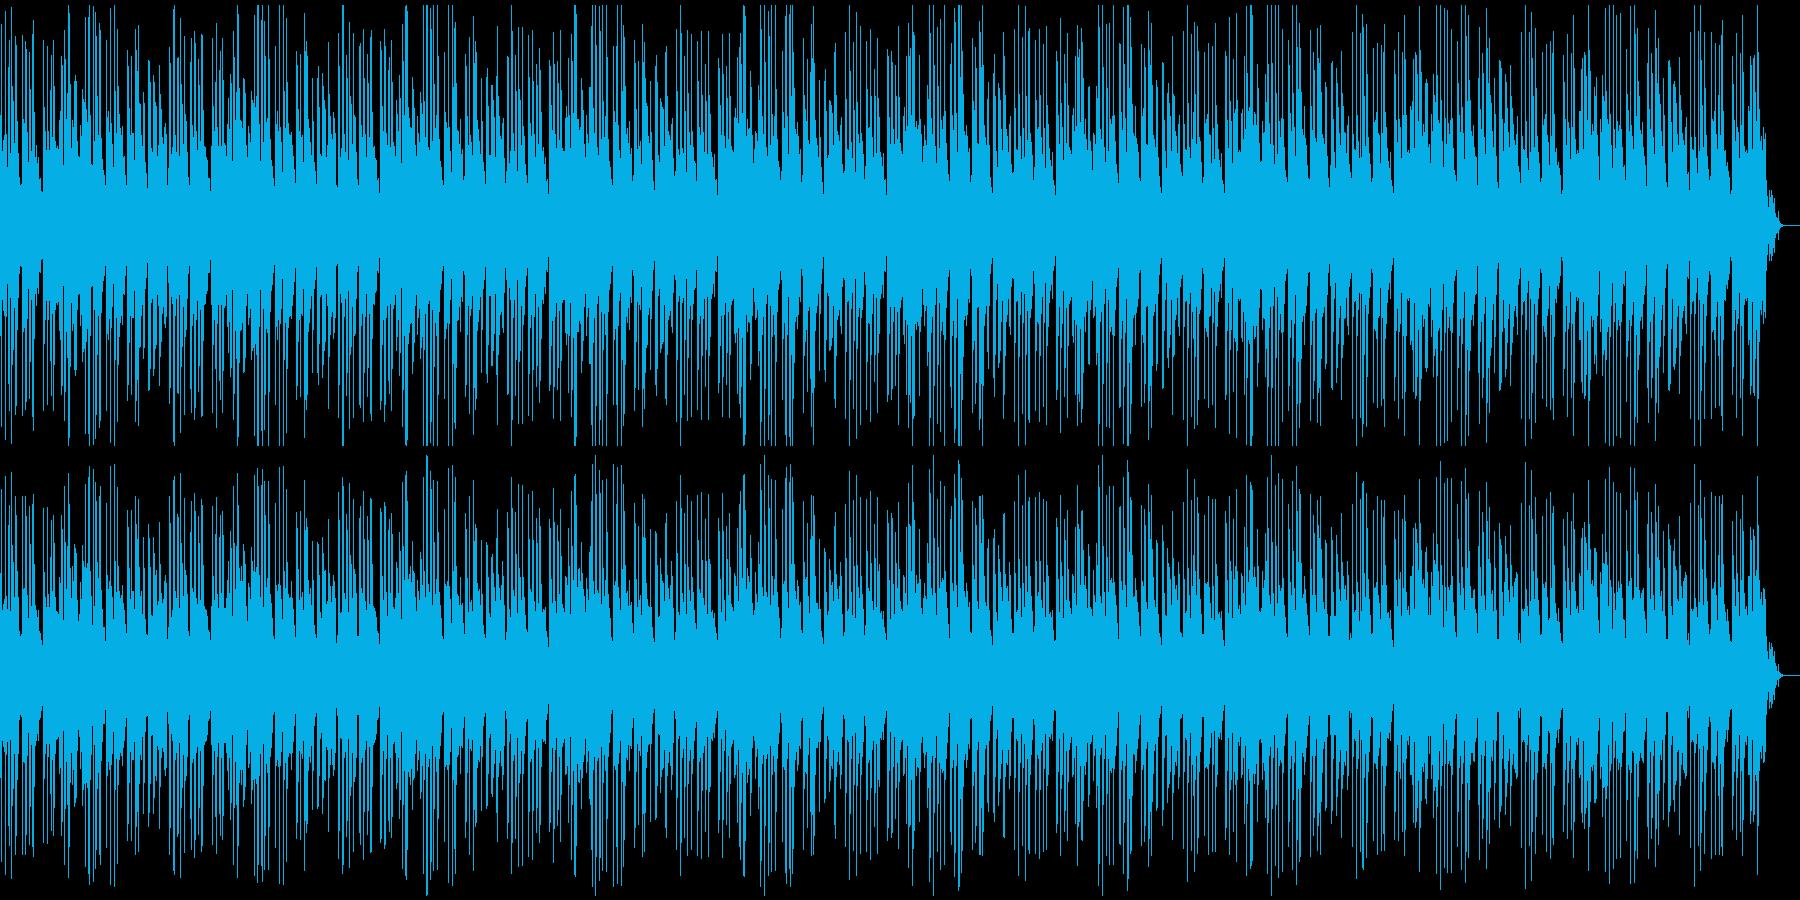 明るく爽やかなピアノ曲の再生済みの波形